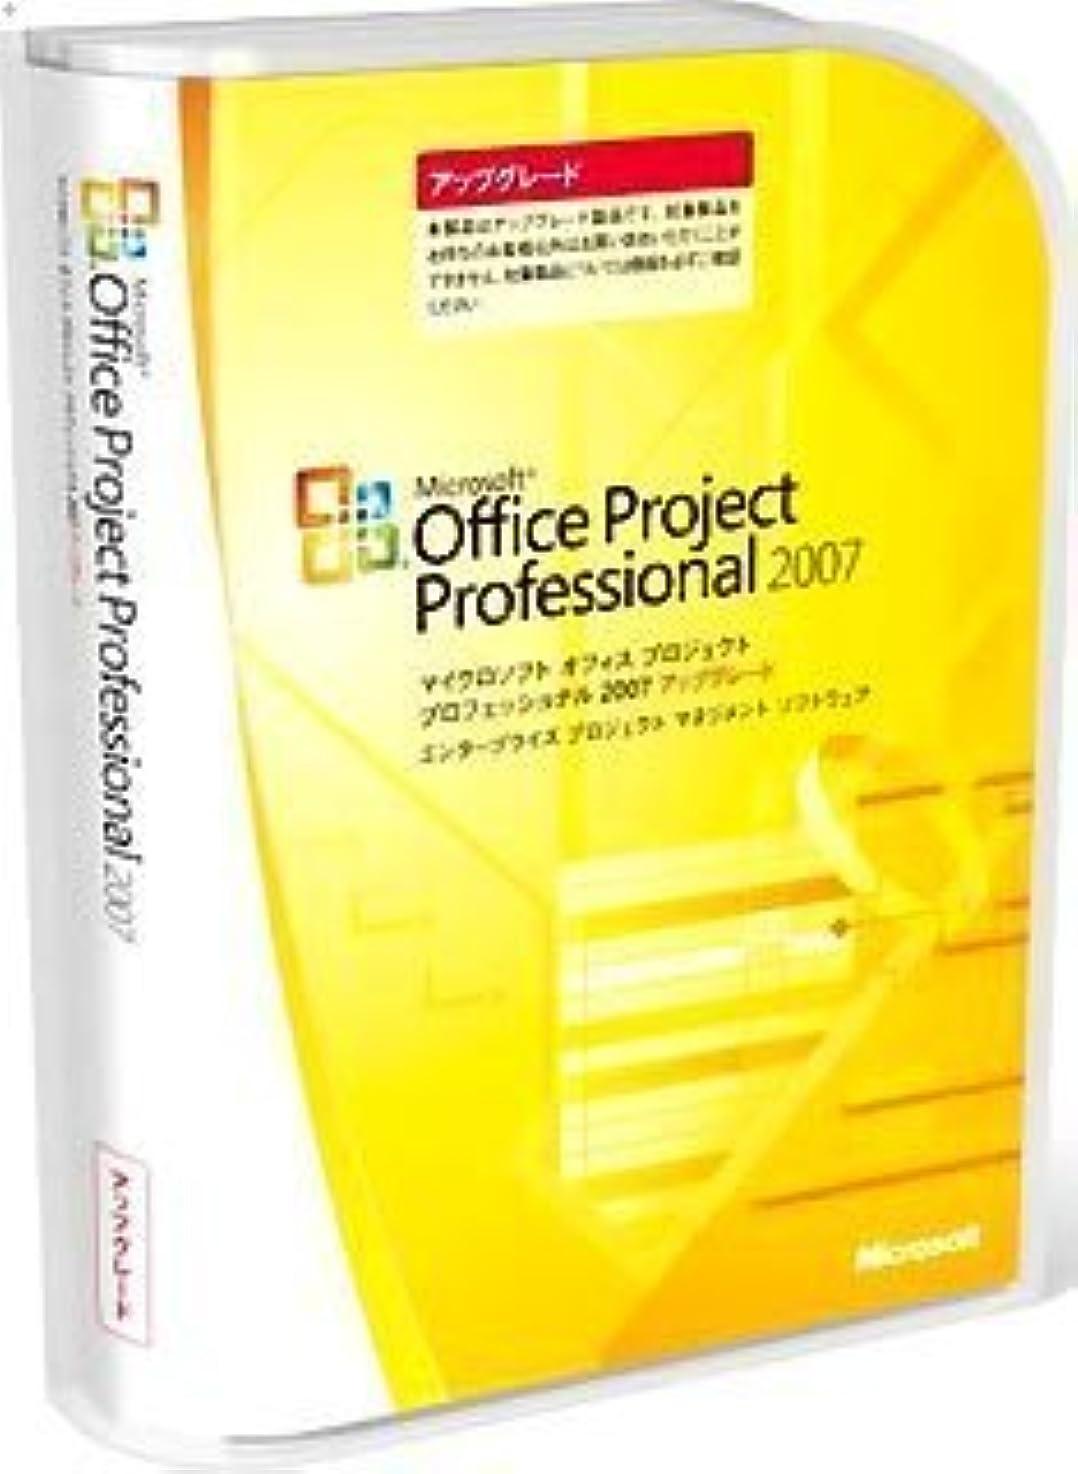 セーターチャネルモスク【旧商品/メーカー出荷終了/サポート終了】Microsoft Office Project Professional 2007 アップグレード